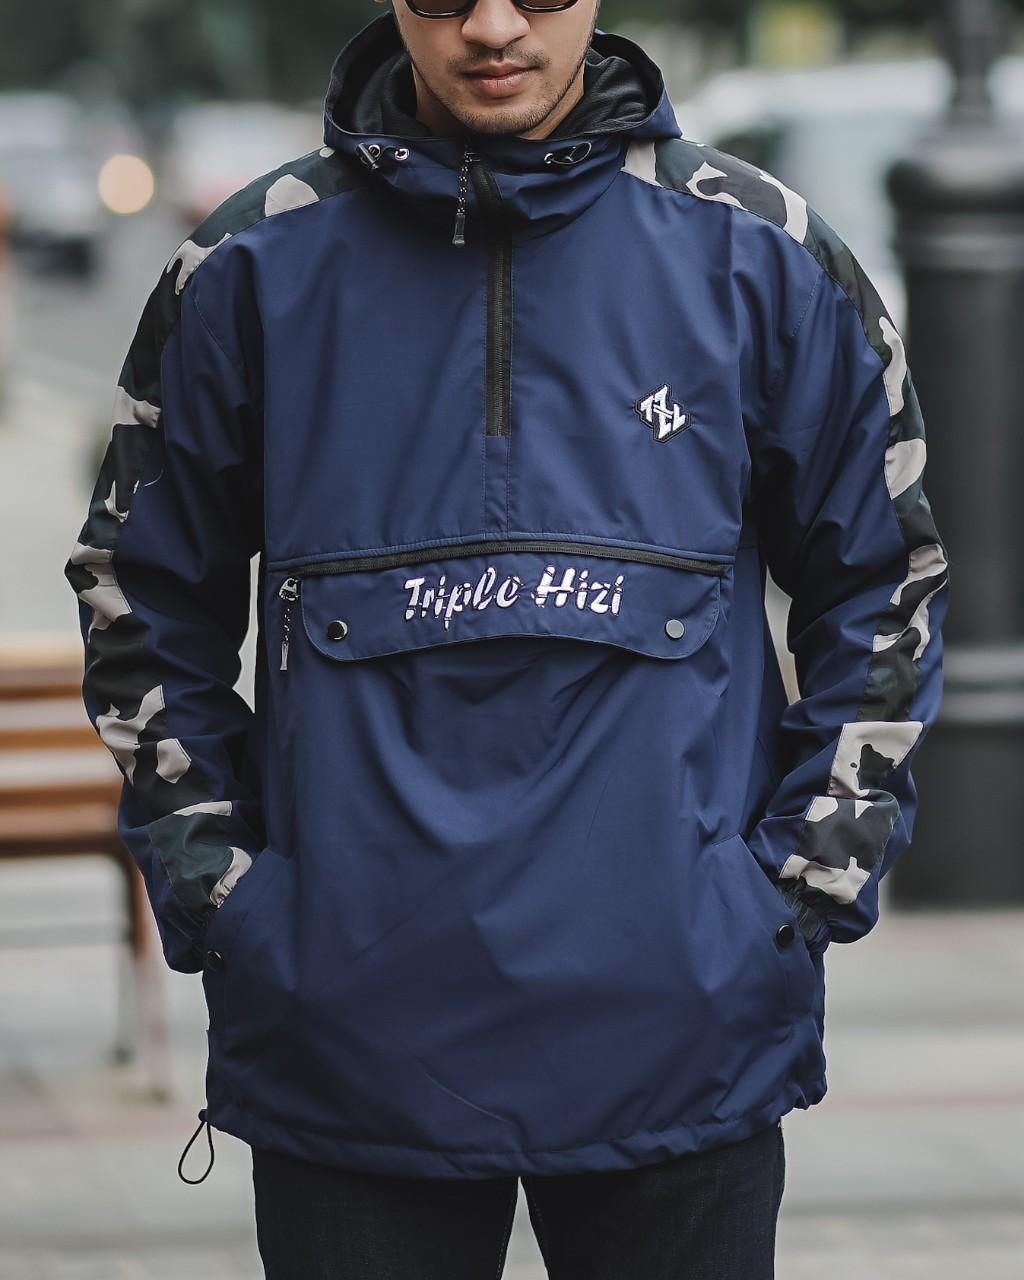 jaket cagoule pria / jaket pria / fashion pria  / jaket pria keren / fashion pria  2020